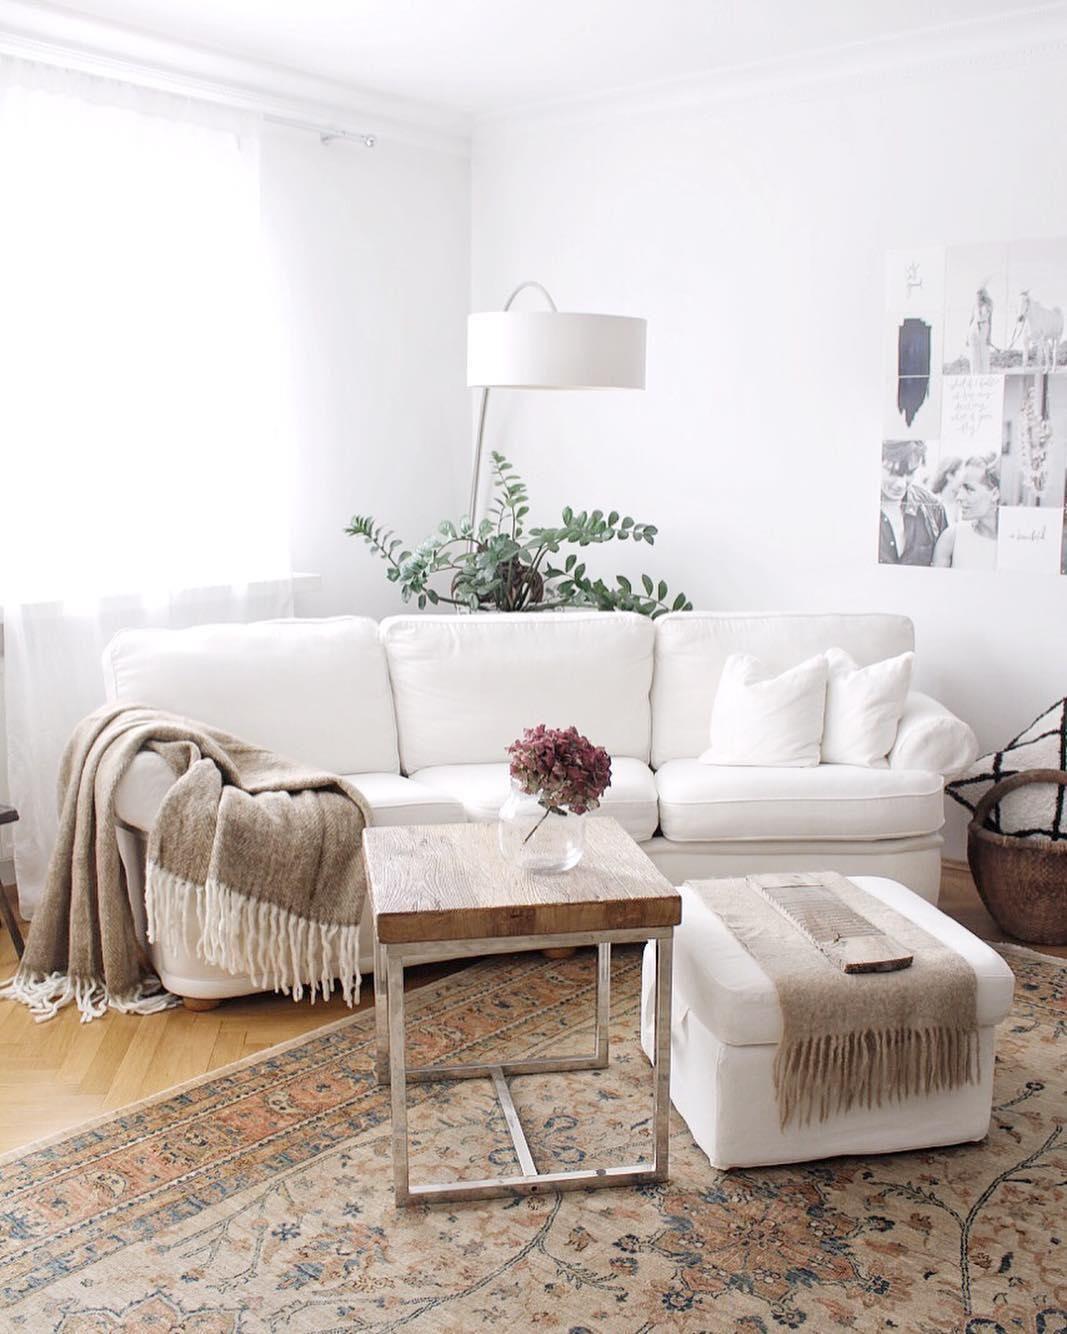 Vase Boccia | Pinterest | Rustikale couchtische, Wohnzimmer-teppiche ...